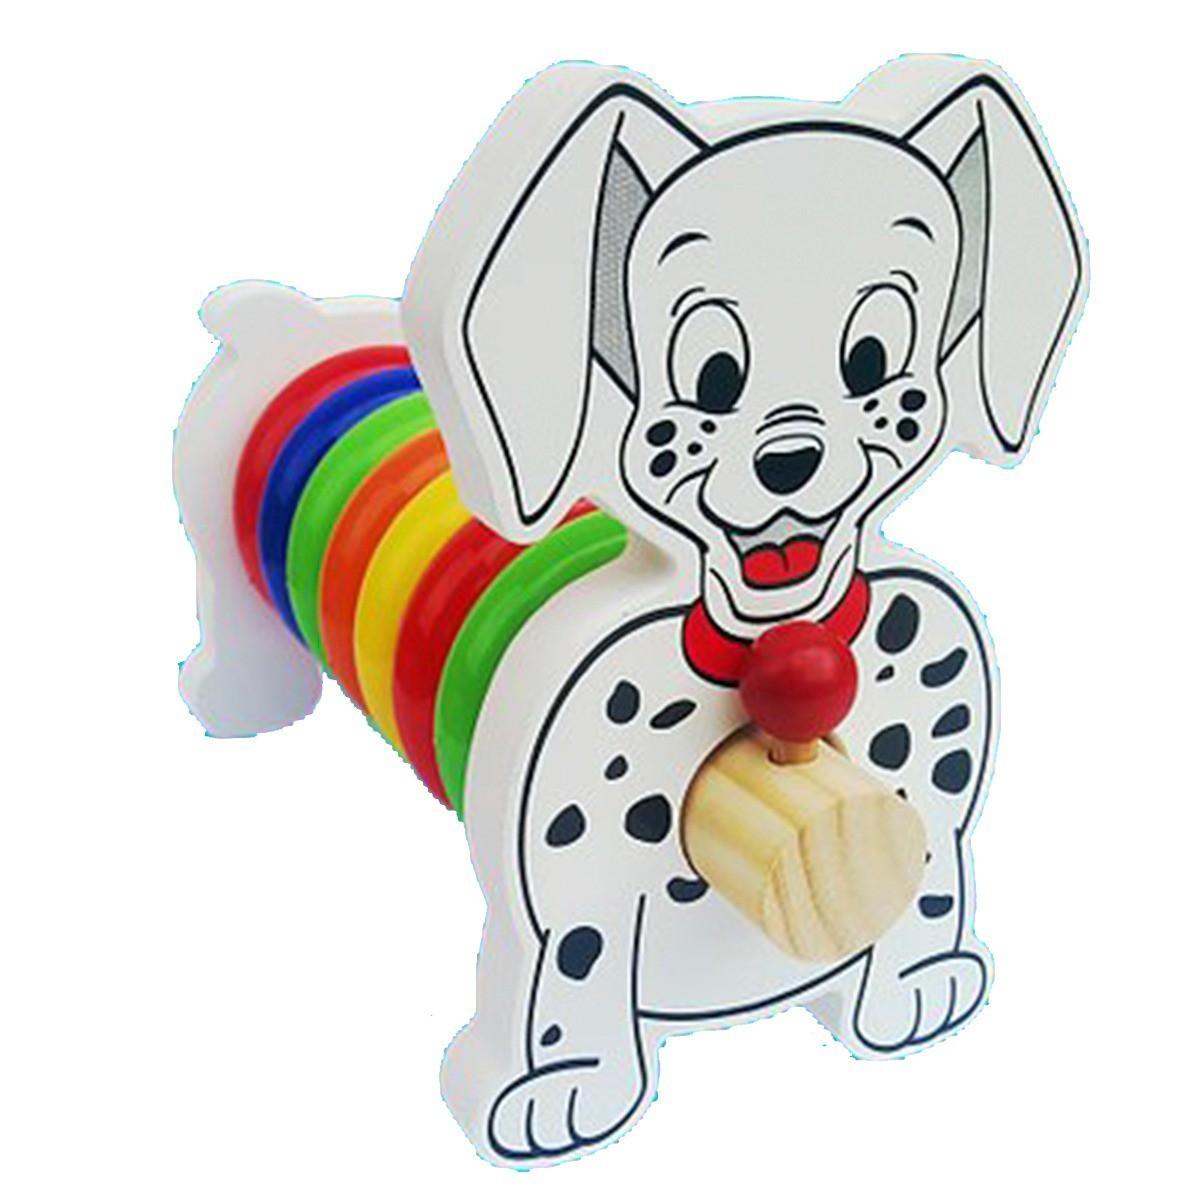 Cachorrinha Alegre de Madeira Brinquedo Educativo de Madeira para Montar